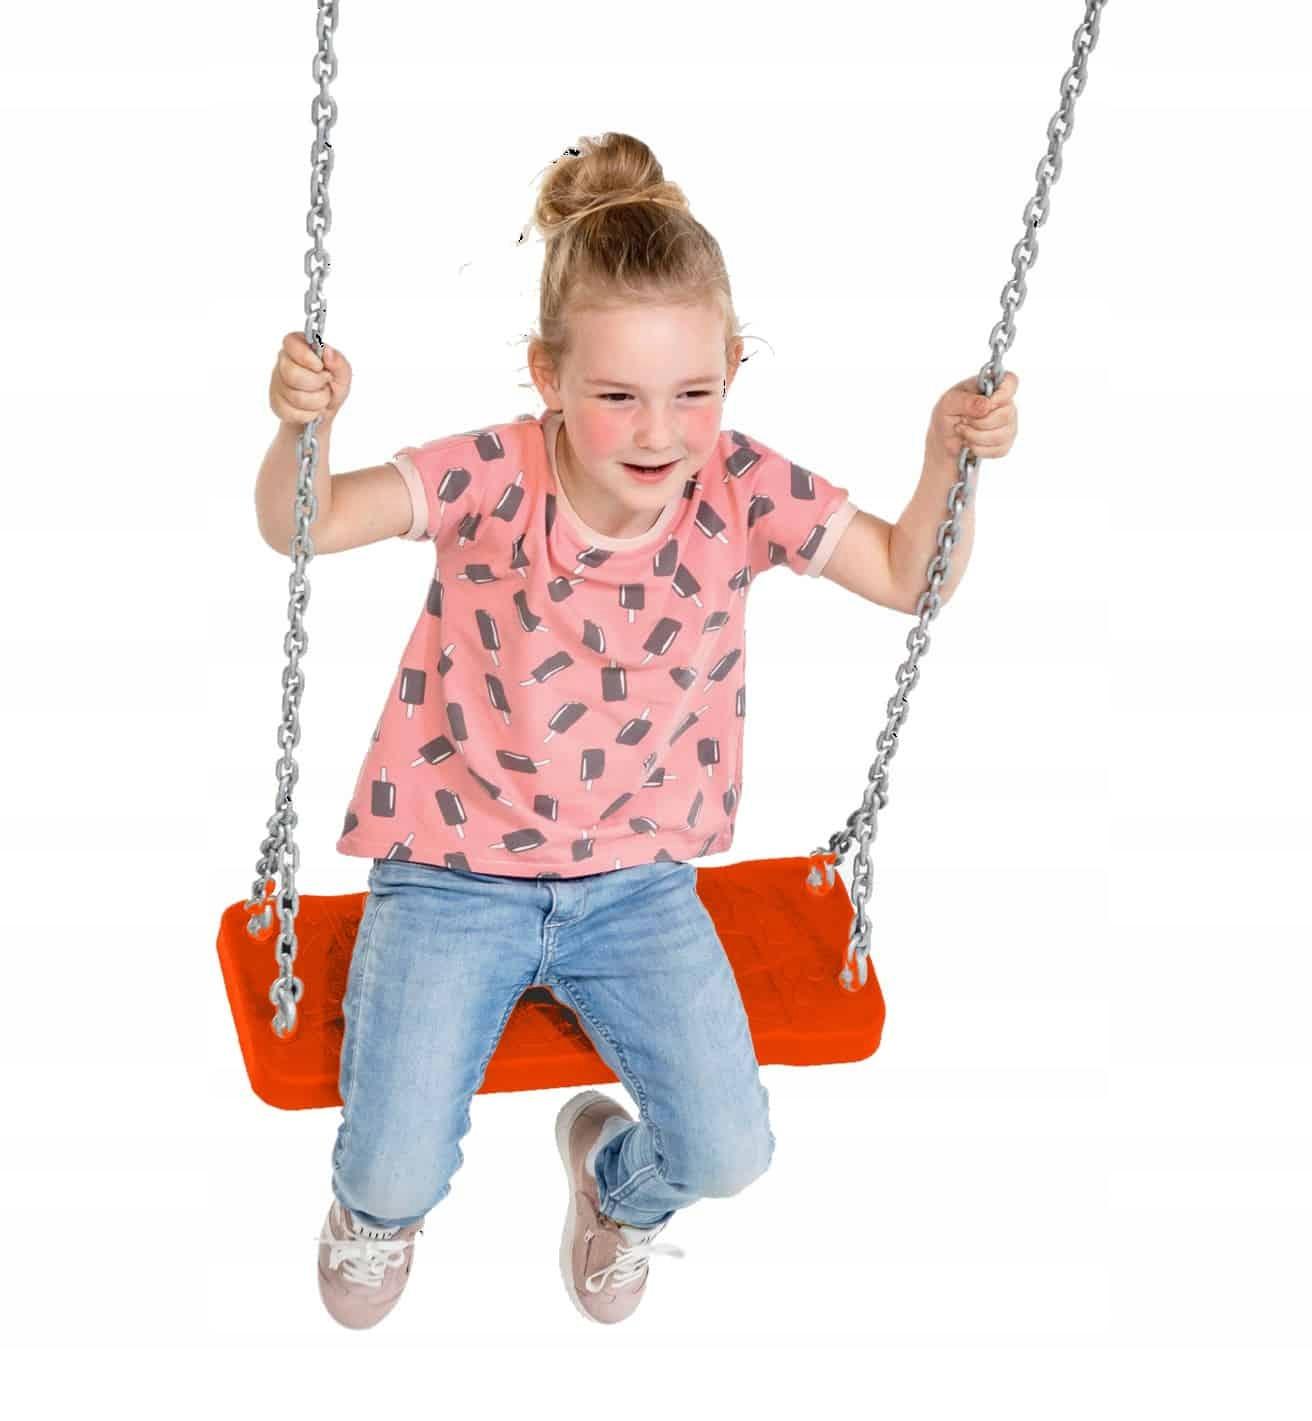 Seat gumy hojdačky na detské Ihrisko - červená